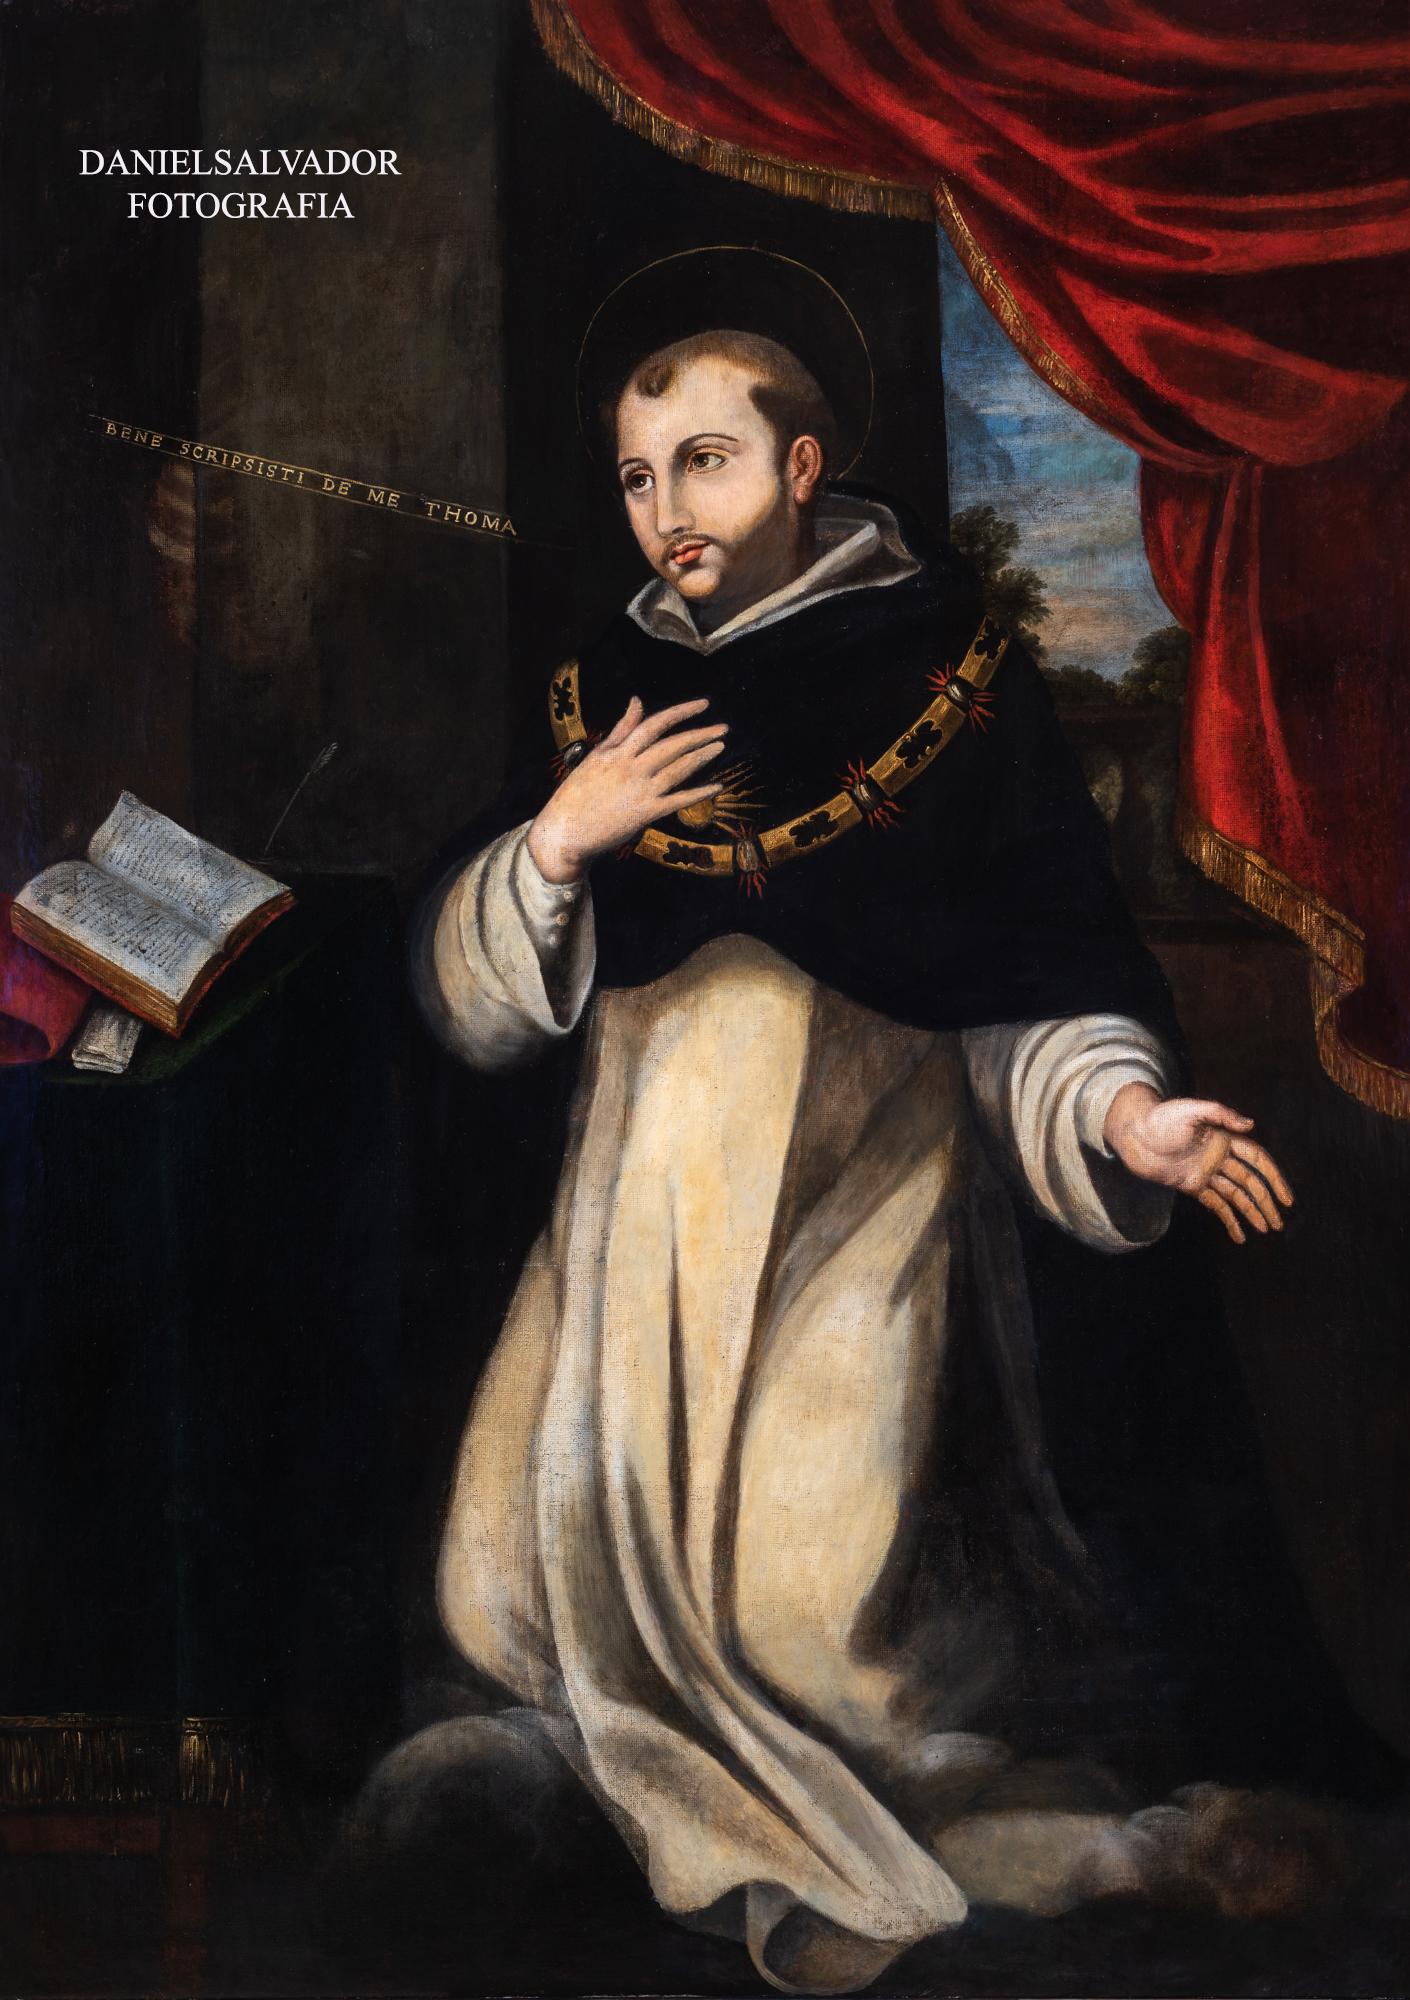 Santo Tomás. Anónimo. Parroquia de Santa María Magdalena. Sevilla